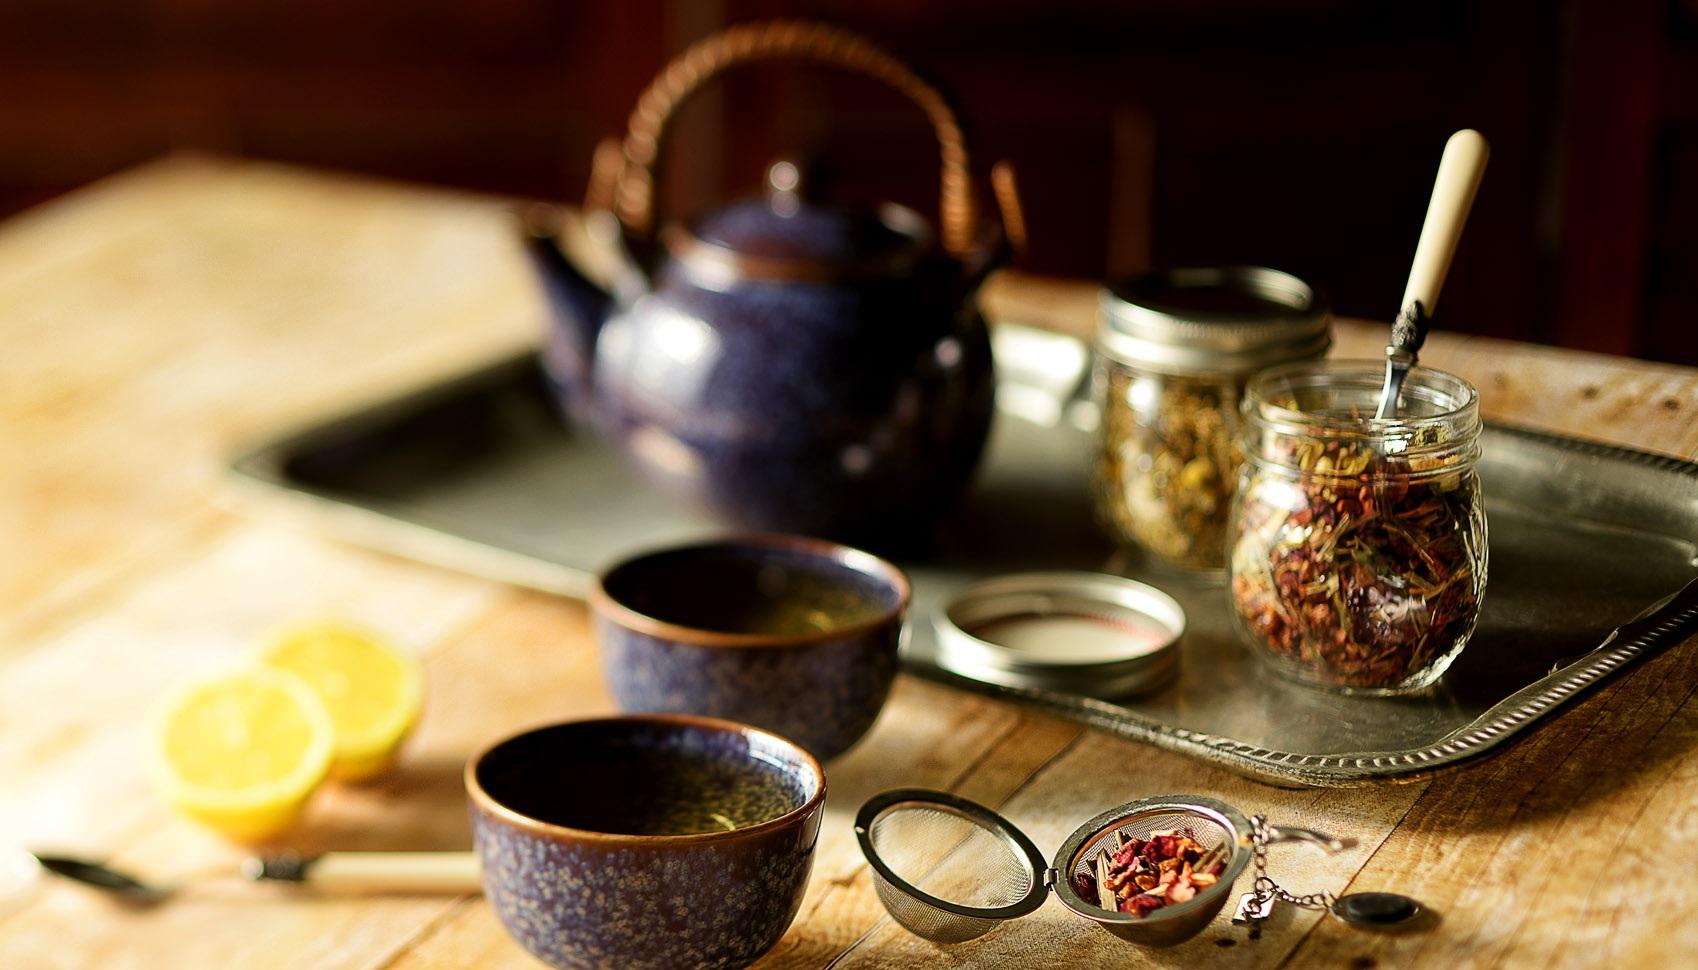 Приготовление чая по-шведски